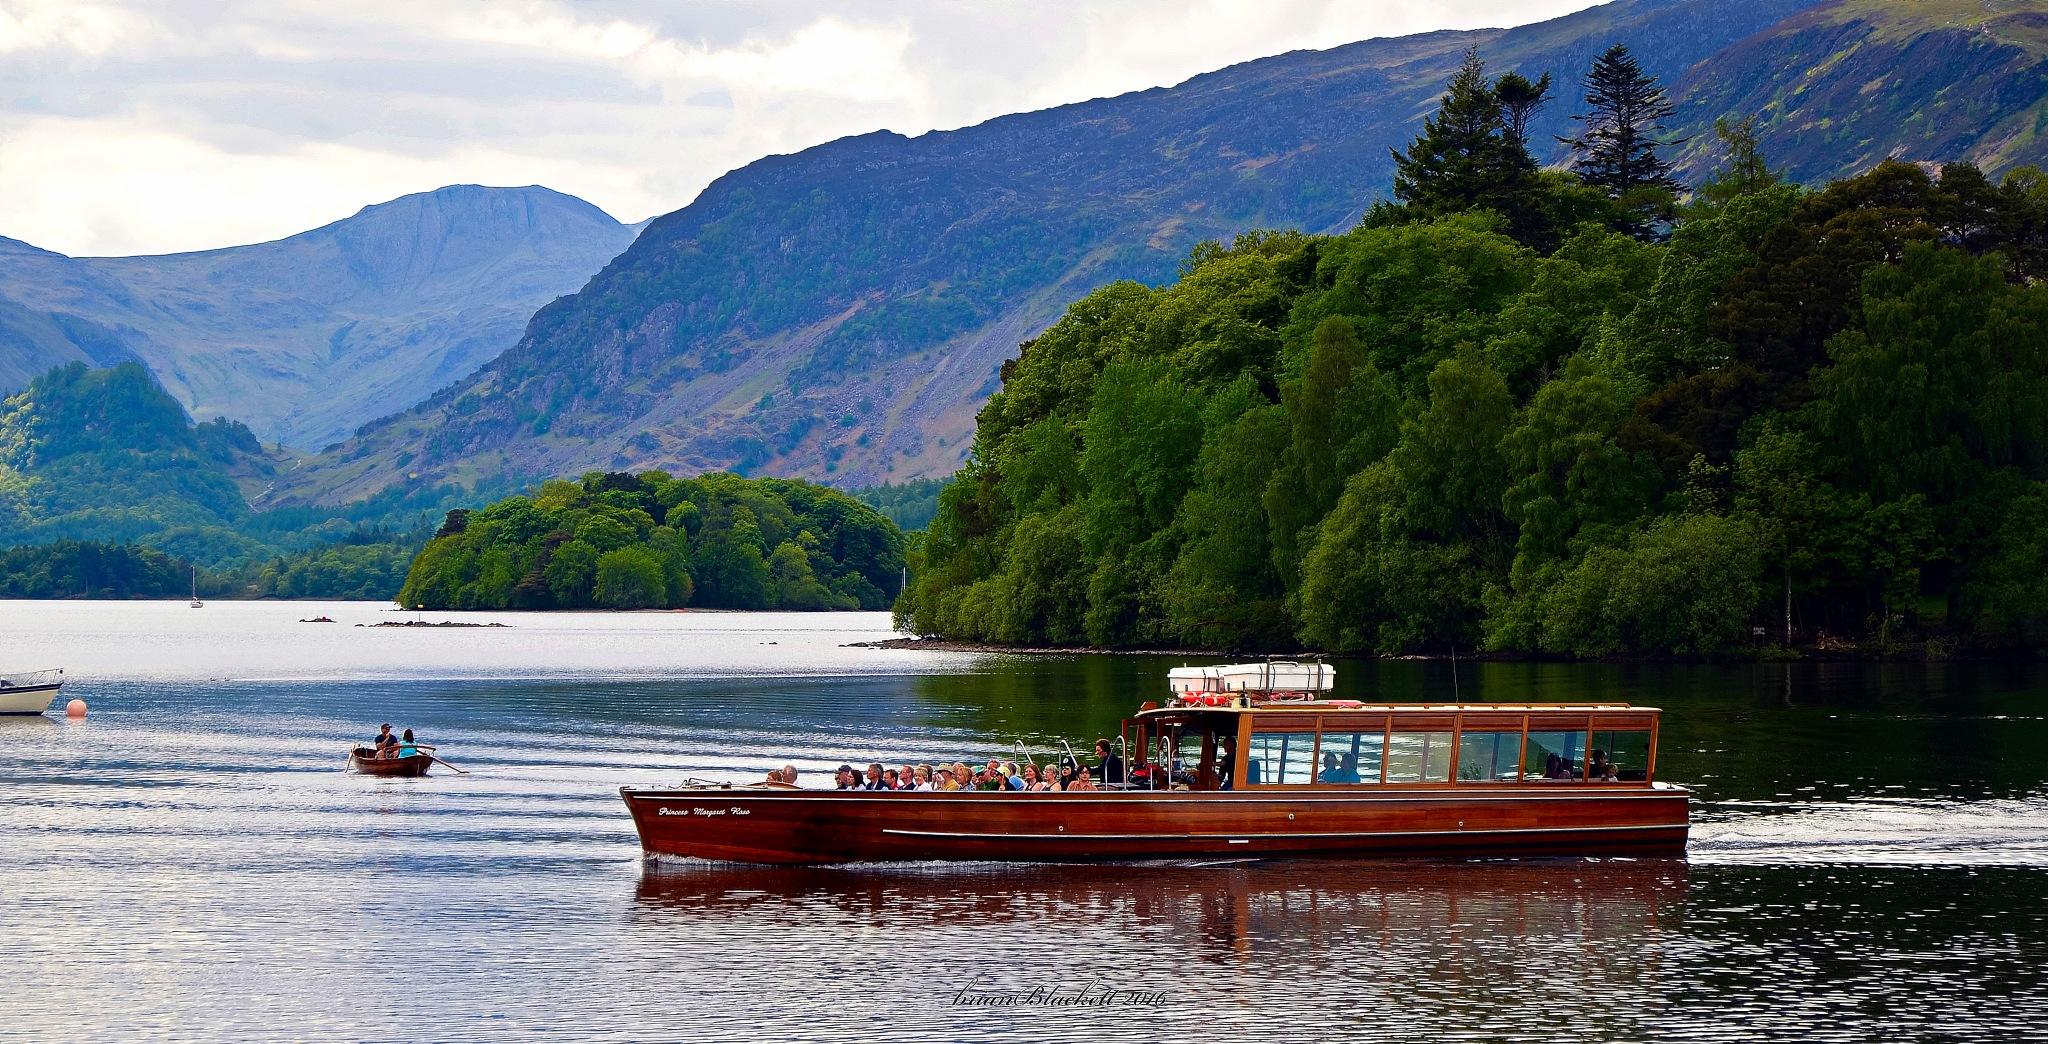 Derwent Water Lake District Cumbria UK by brianblackett